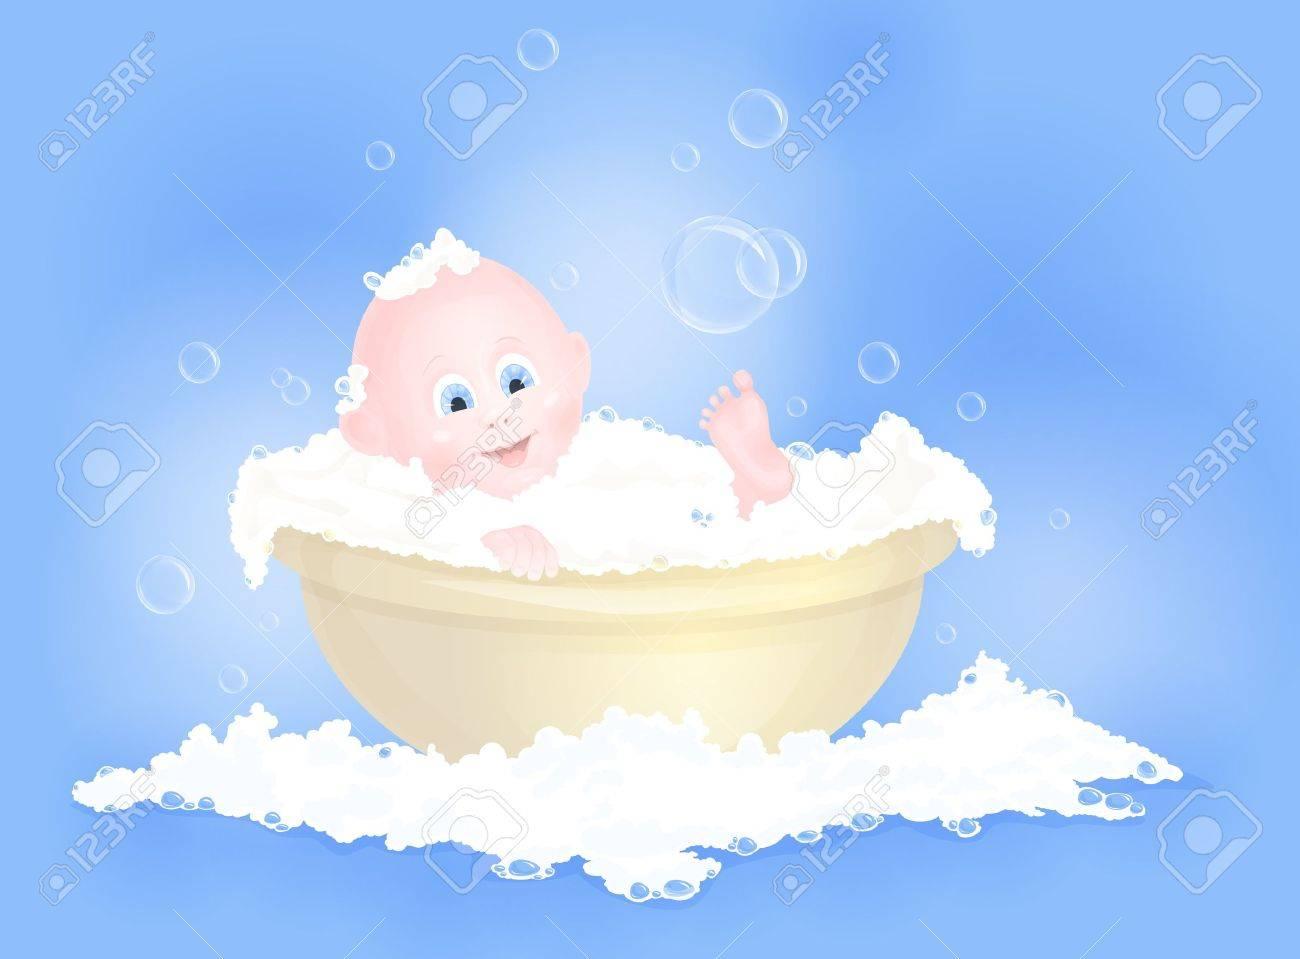 Cute Baby Boy Having Bath In Tub With Foam Royalty Free Cliparts ...